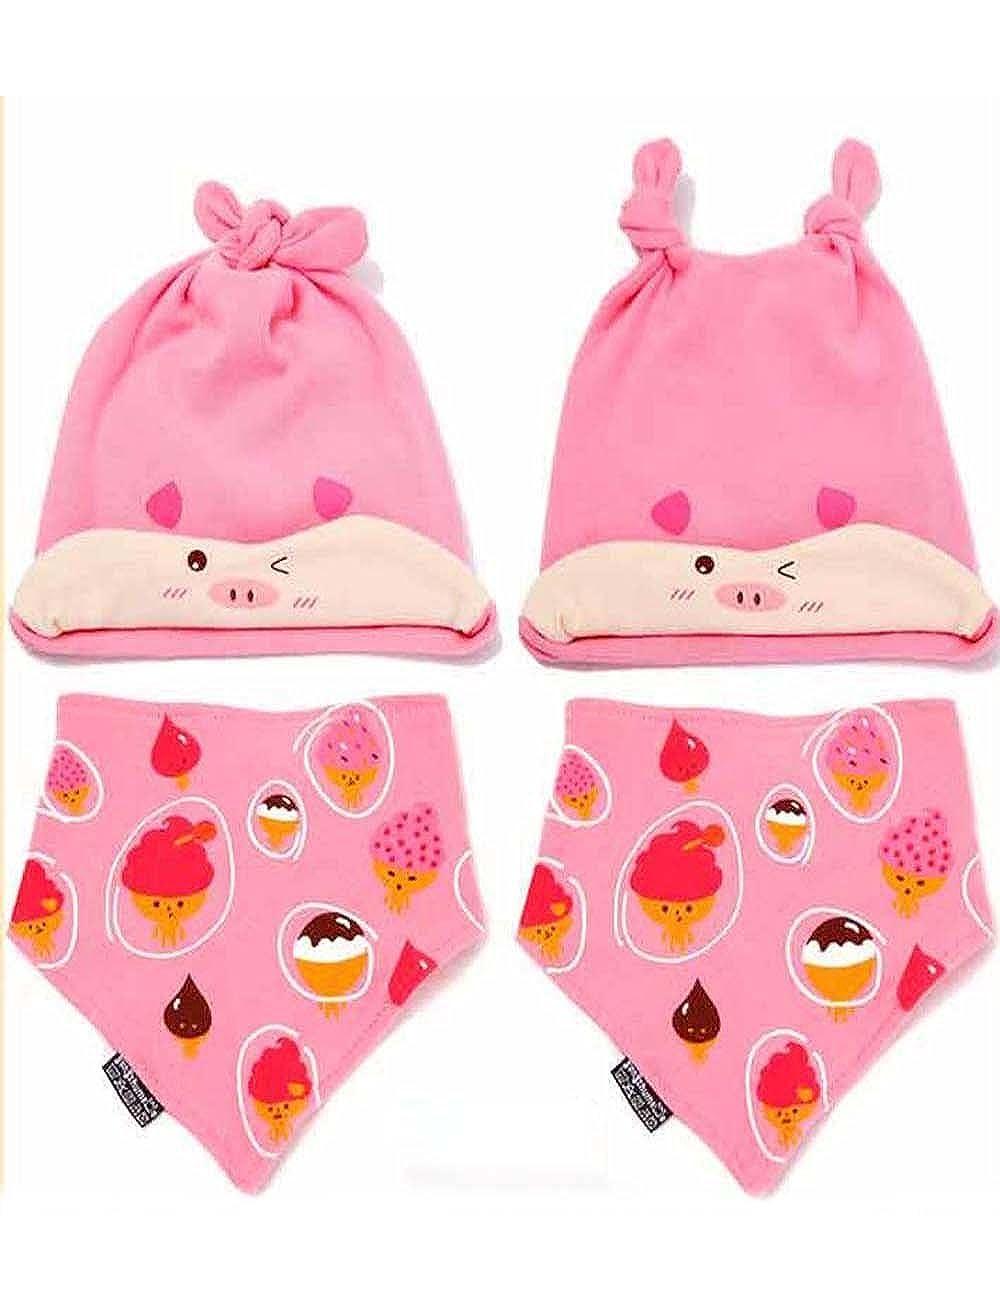 PANDA SUPERSTORE Cute Born Baby Girls Pink Piggy Cap /& Bib